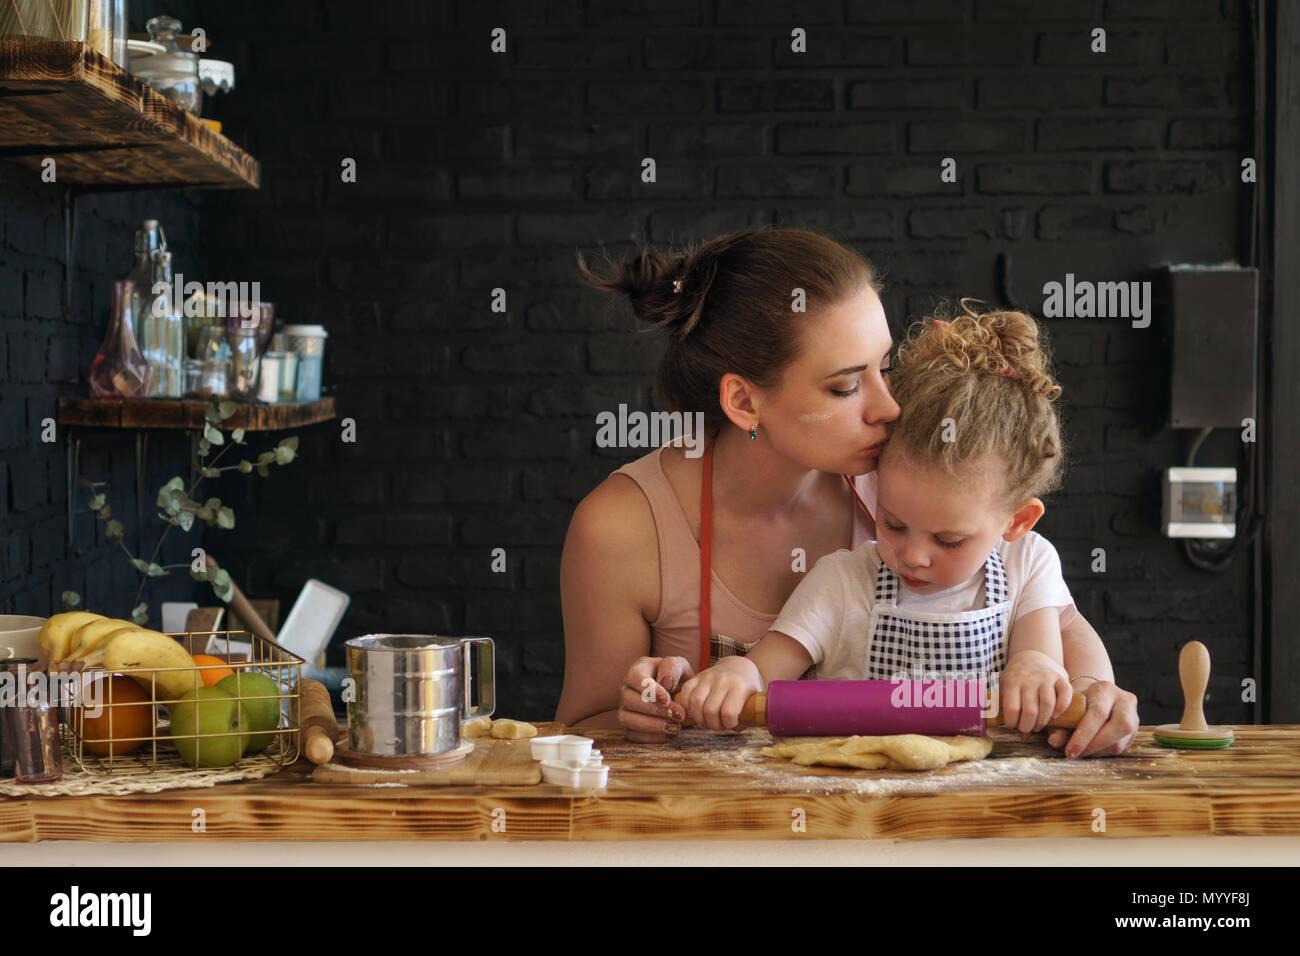 Jeune mère et fille préparer des cookies dans la cuisine. Ils sont dans des tabliers. Petite fille roule la pâte avec un rouleau à pâtisserie. Bisous mère enfant, encourageant Photo Stock